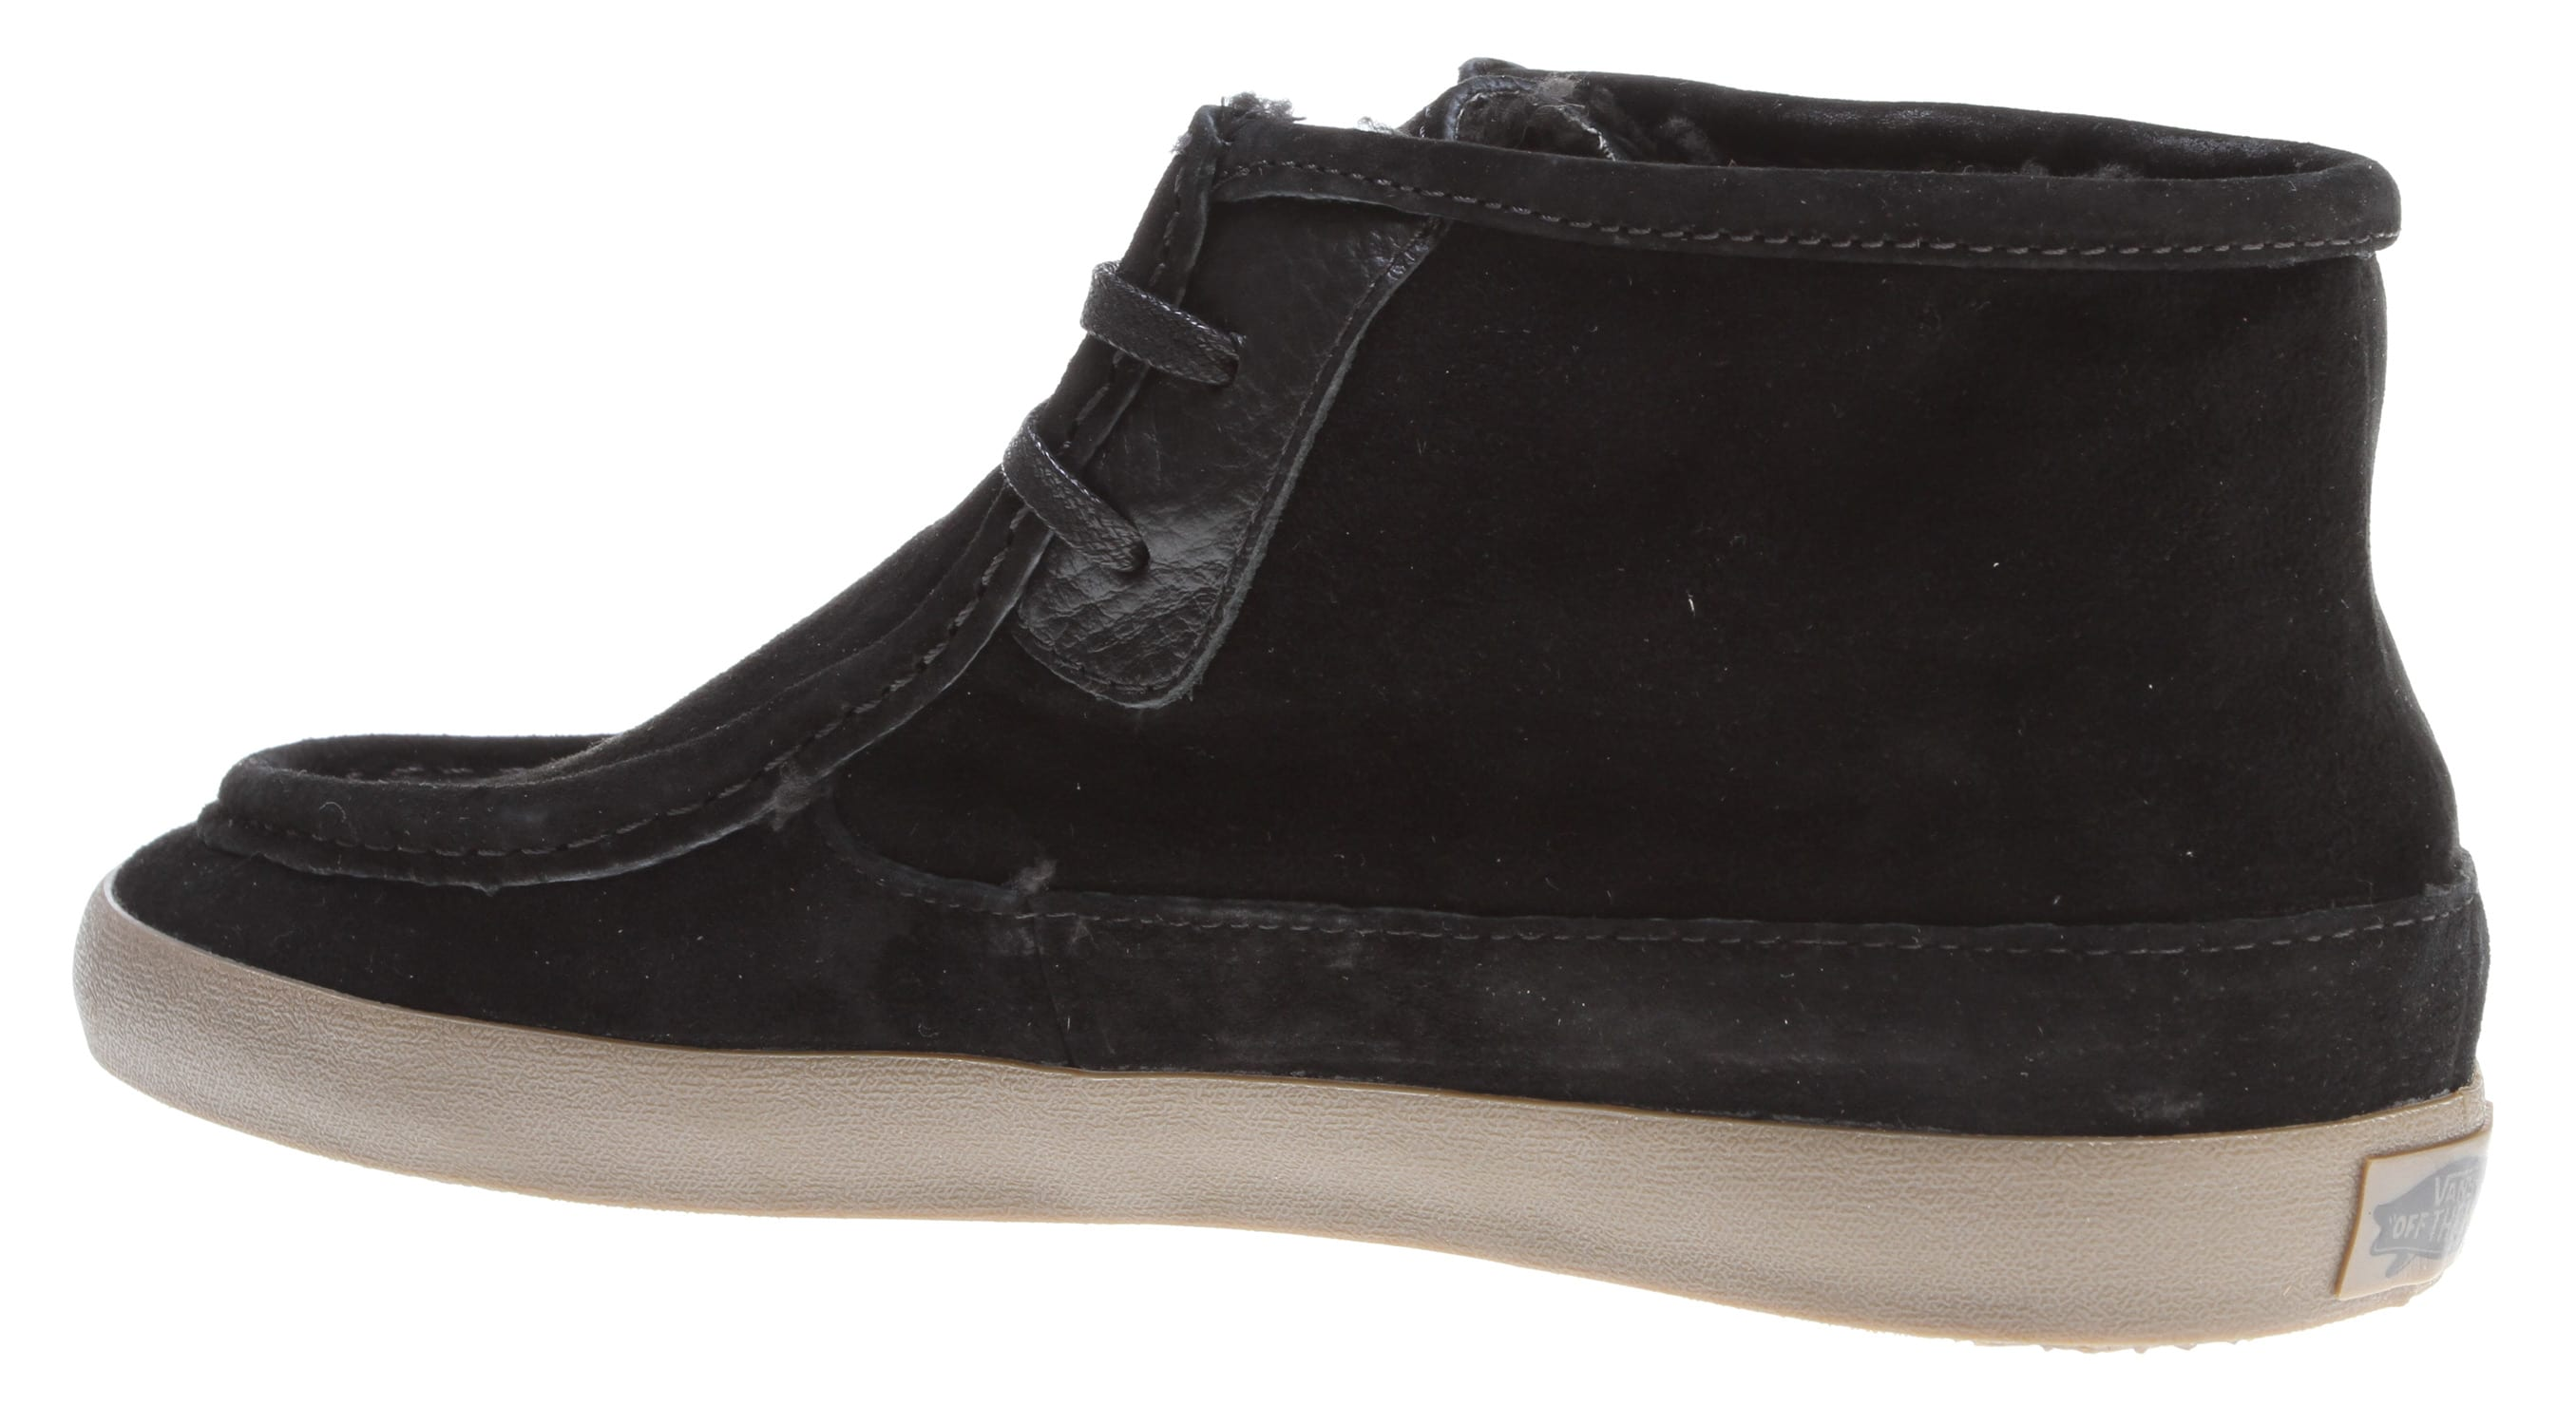 73c9aca32d Vans Rata Mid Shoes - thumbnail 3